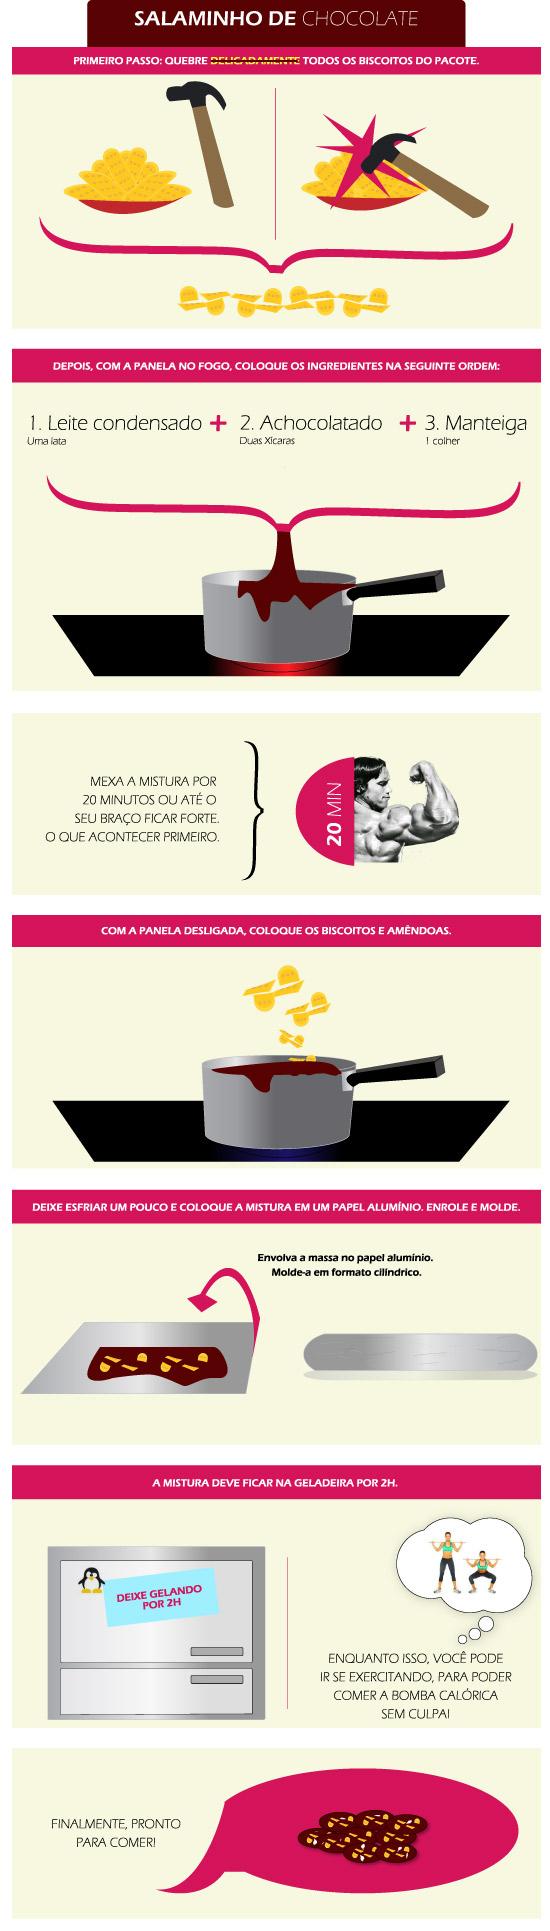 Infográfico [Receita-ilustrada] salaminho de chocolate